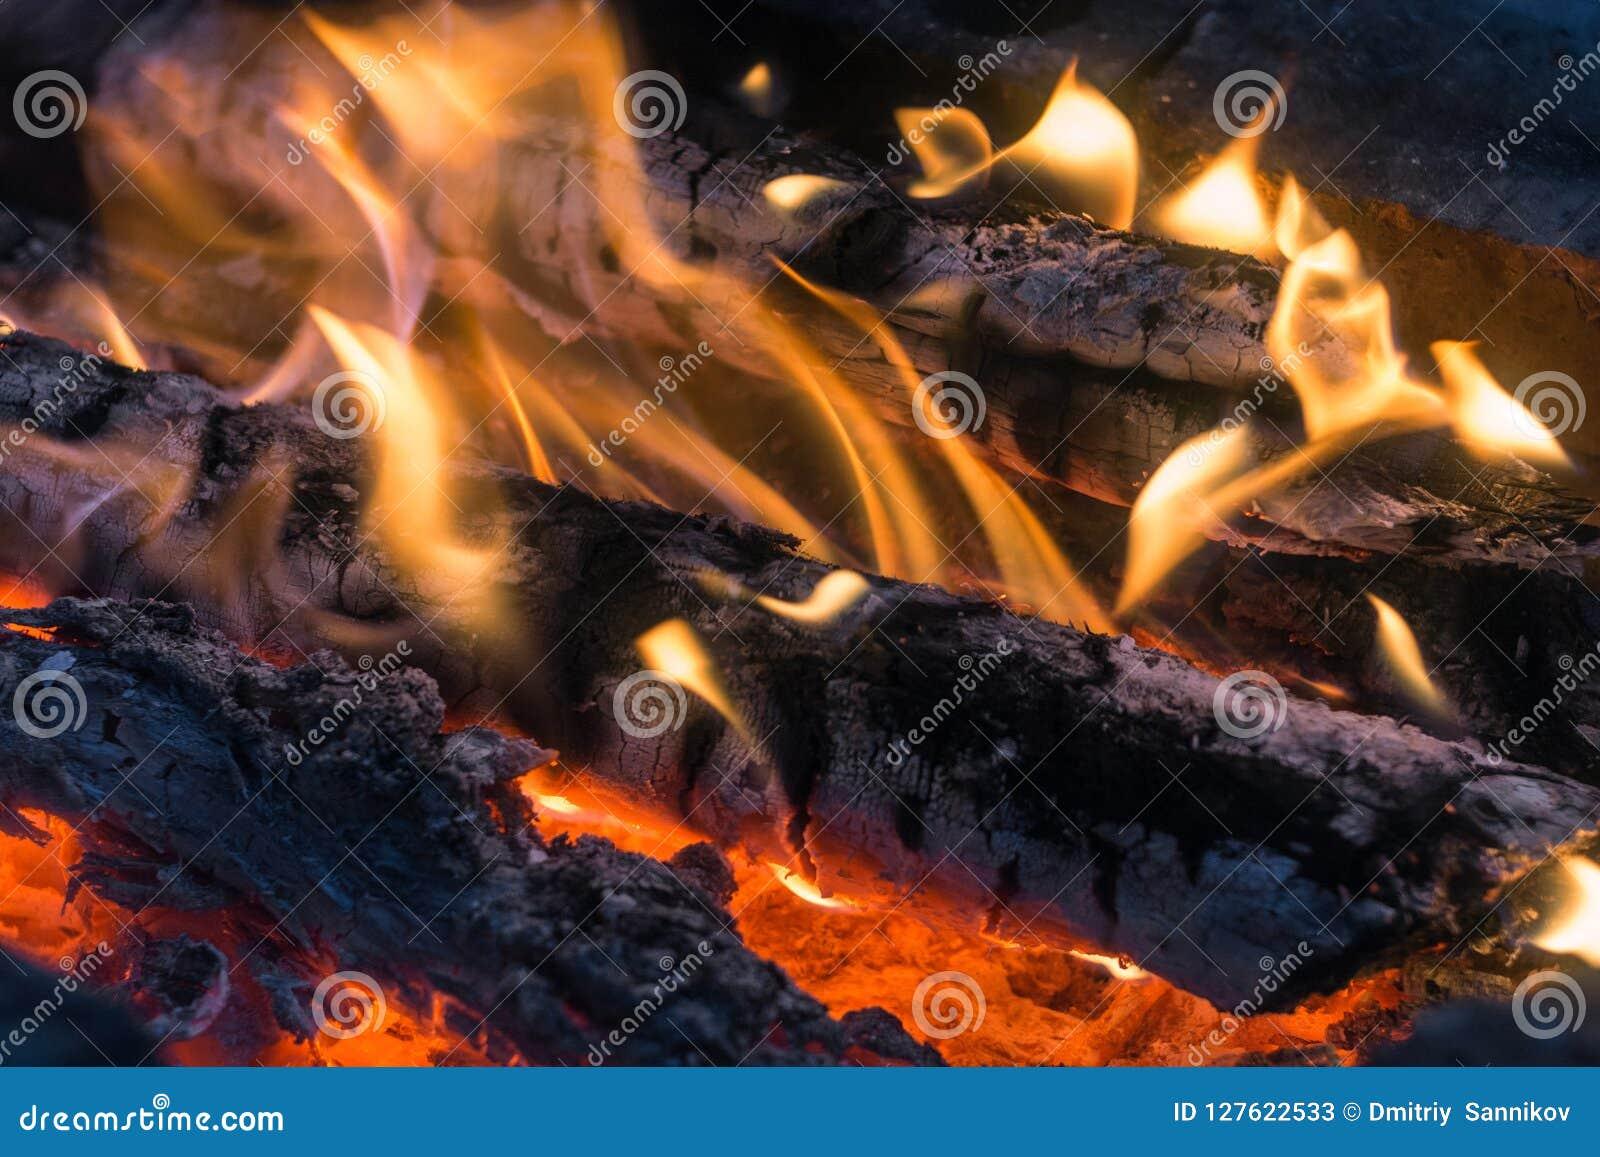 Grande fogueira ardente com a chama de incandescência macia